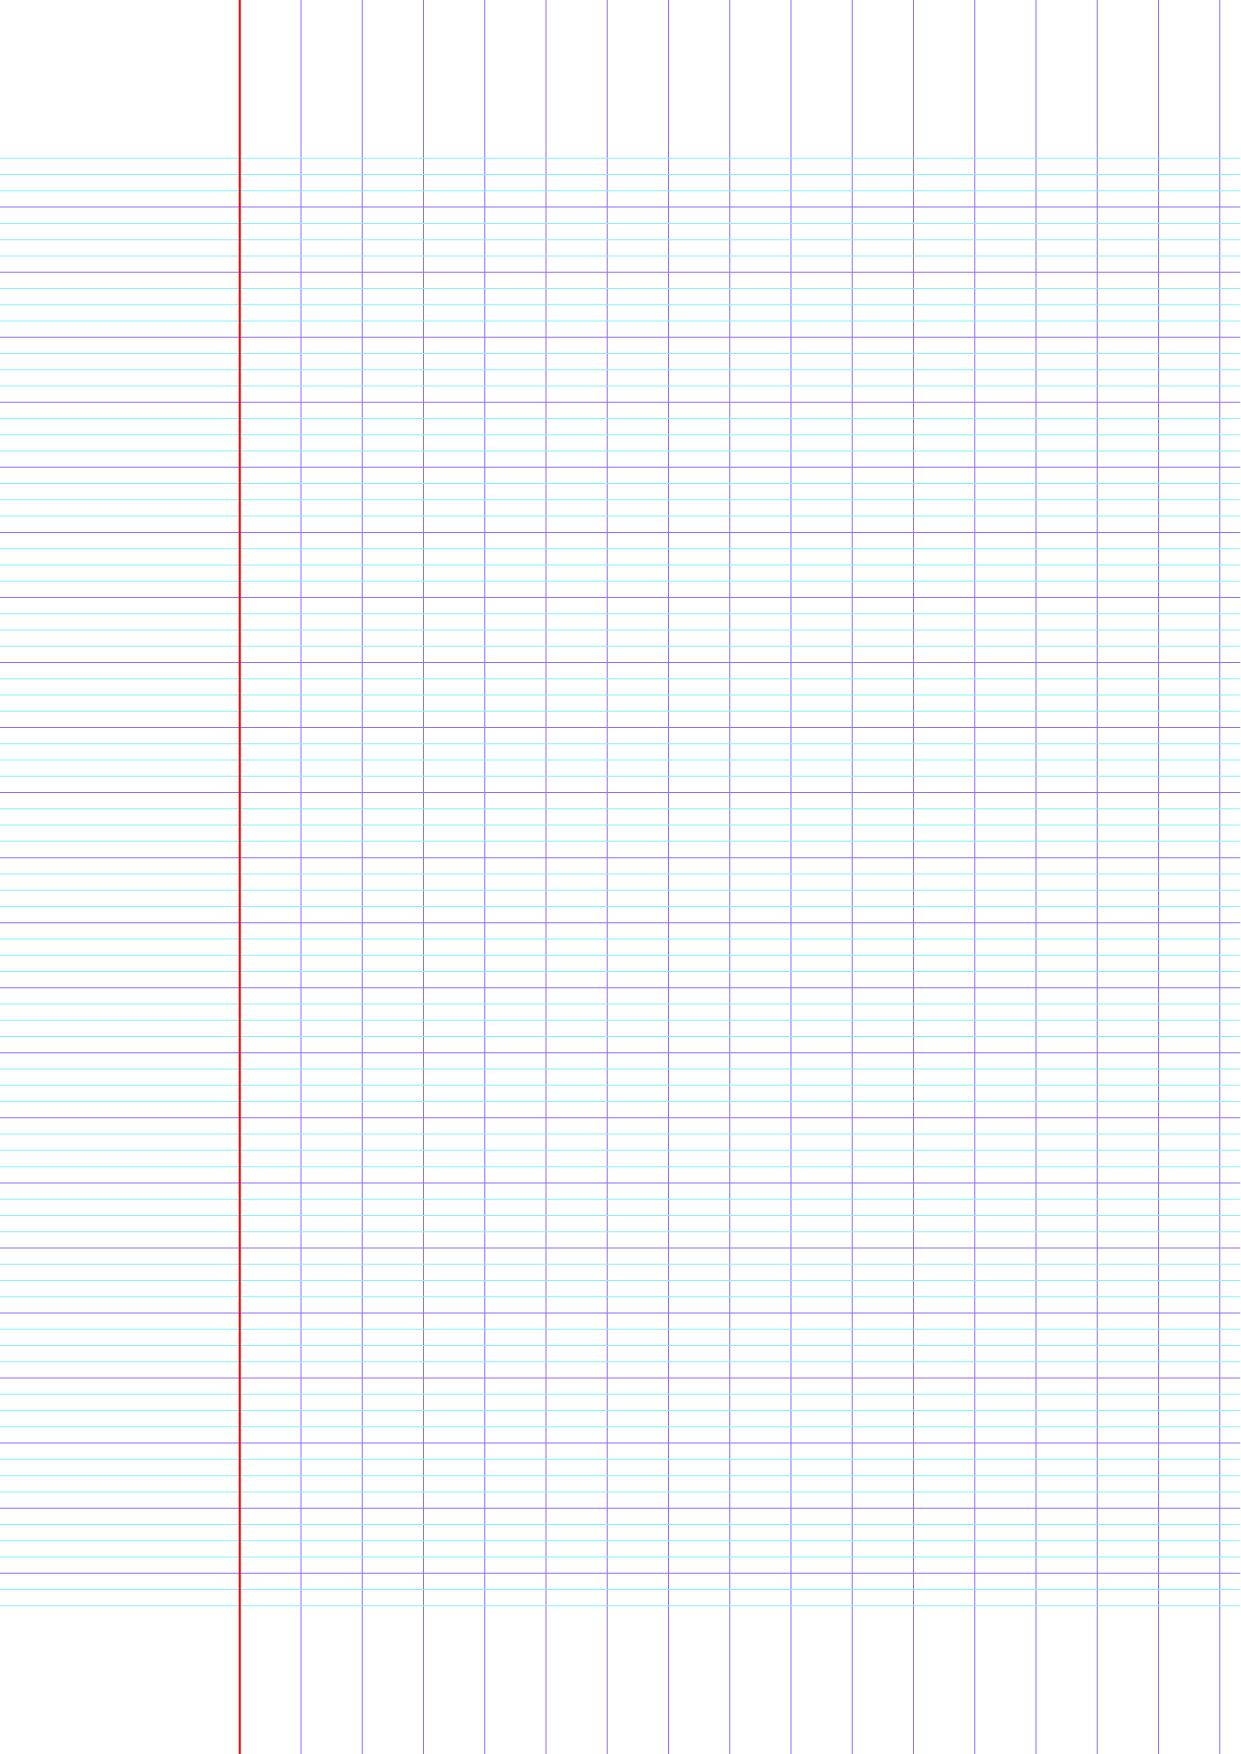 Feuille D'écriture Vierge À Imprimer | Exercices D'écriture destiné Exercices Maternelle Grande Section En Ligne Gratuit